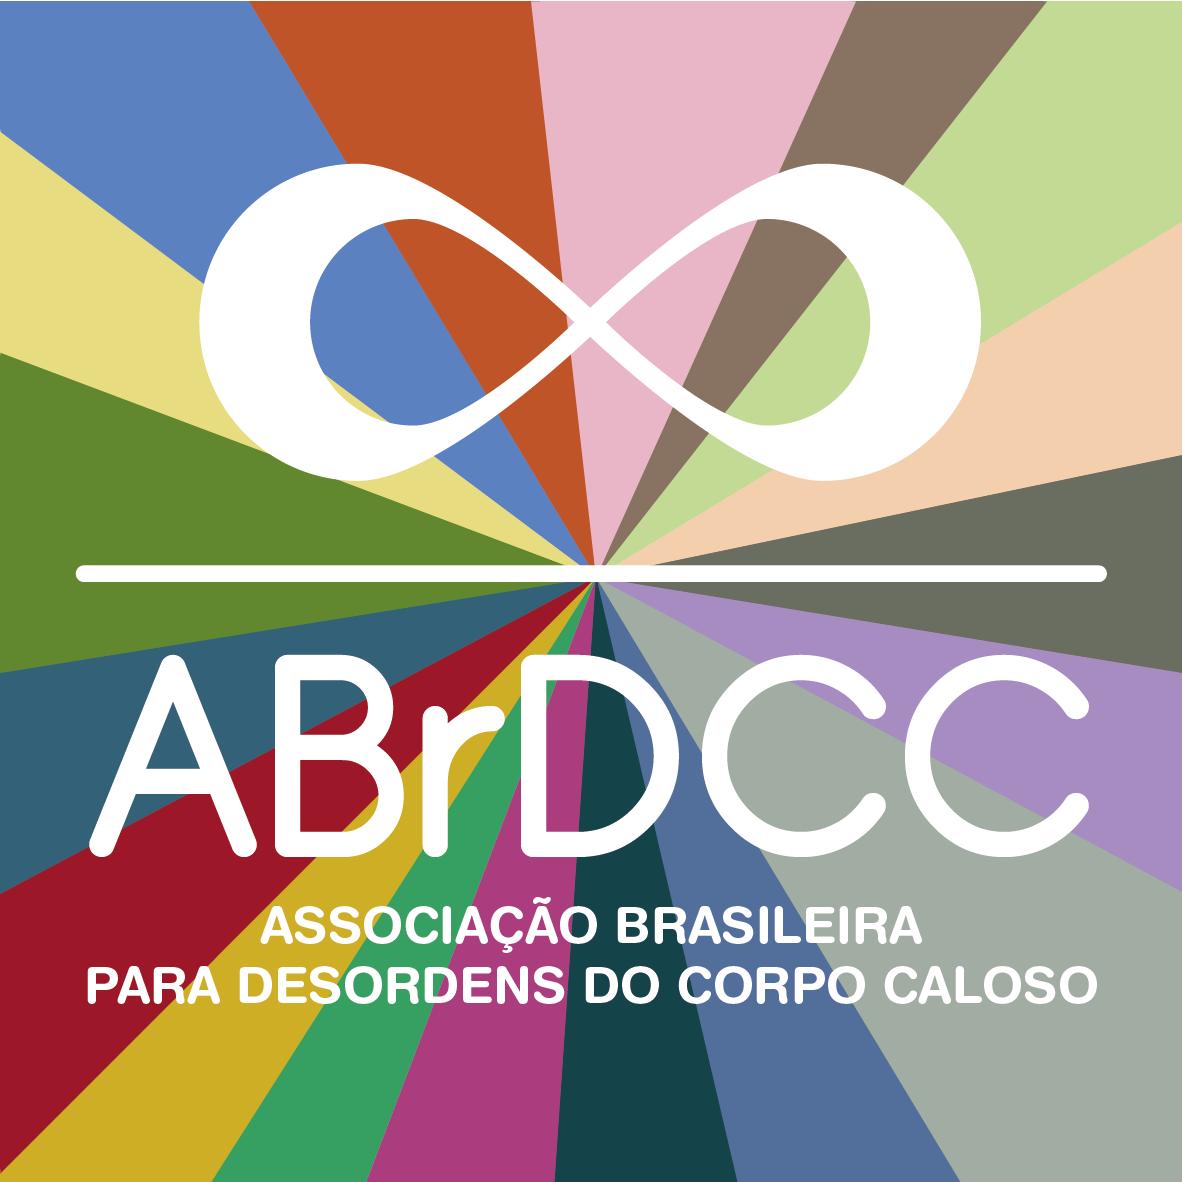 ABRDCCC